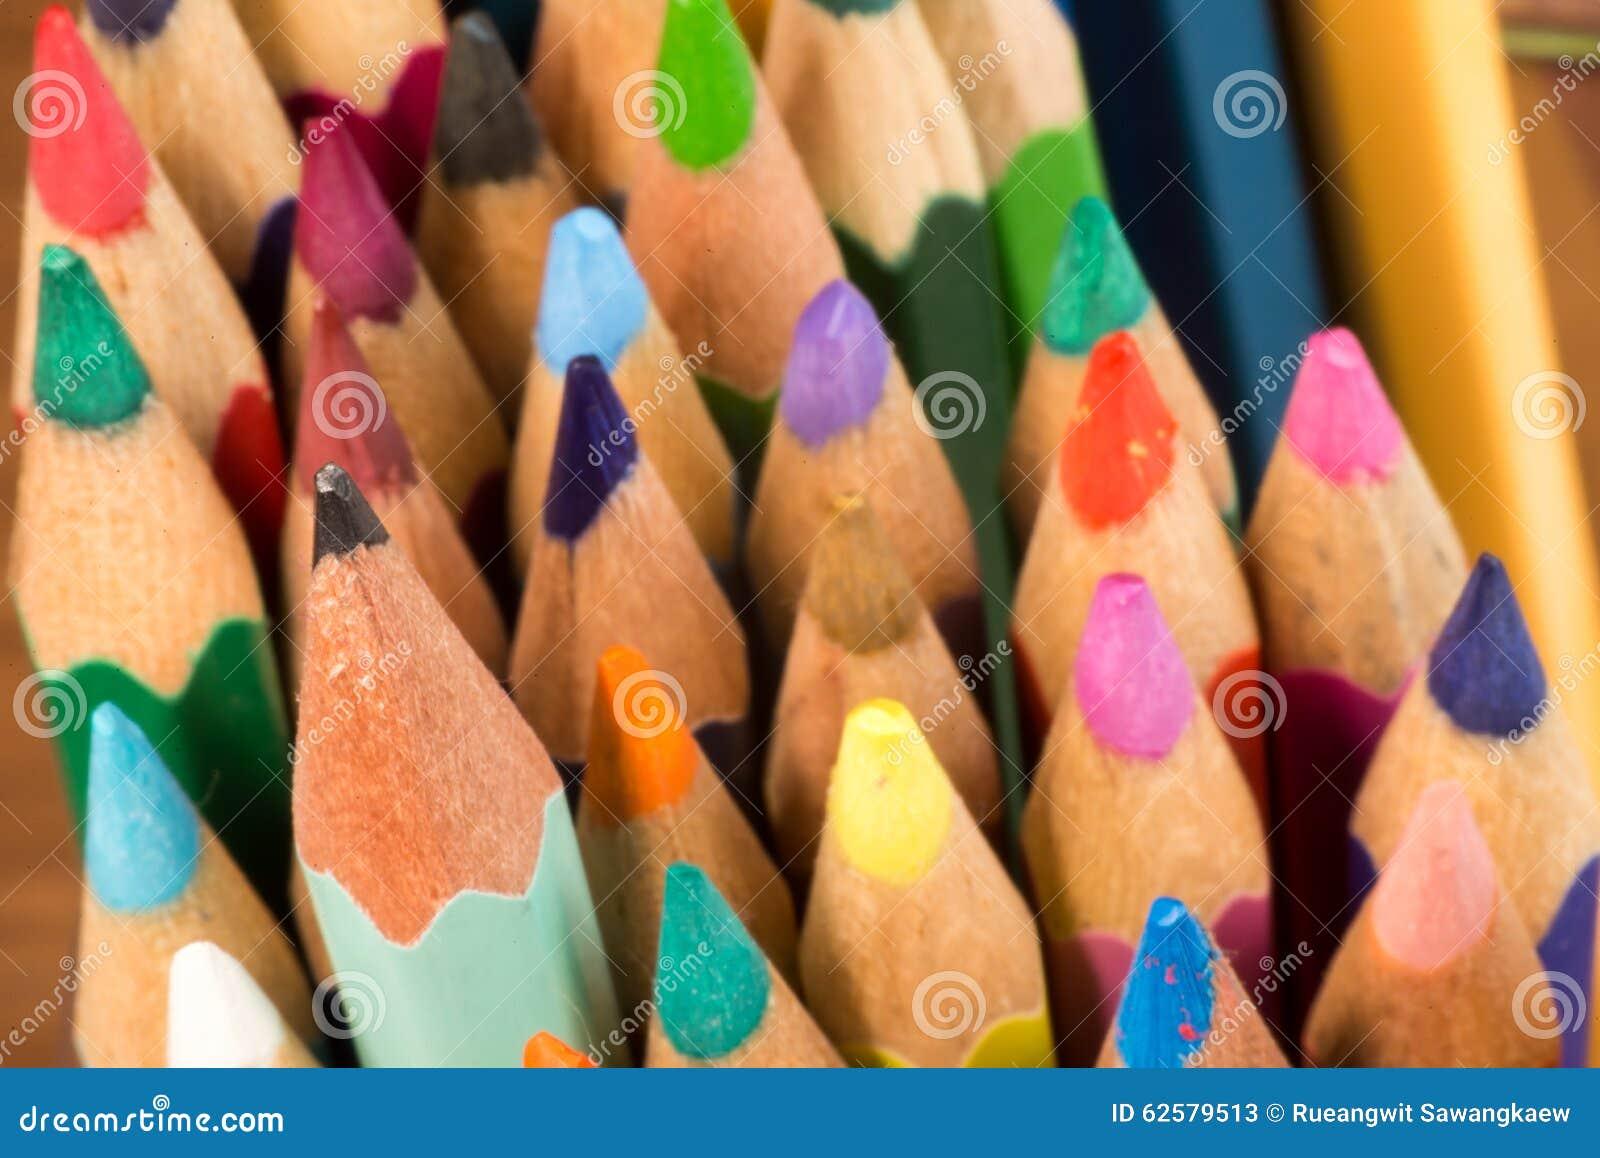 Grafit och färgade blyertspennor